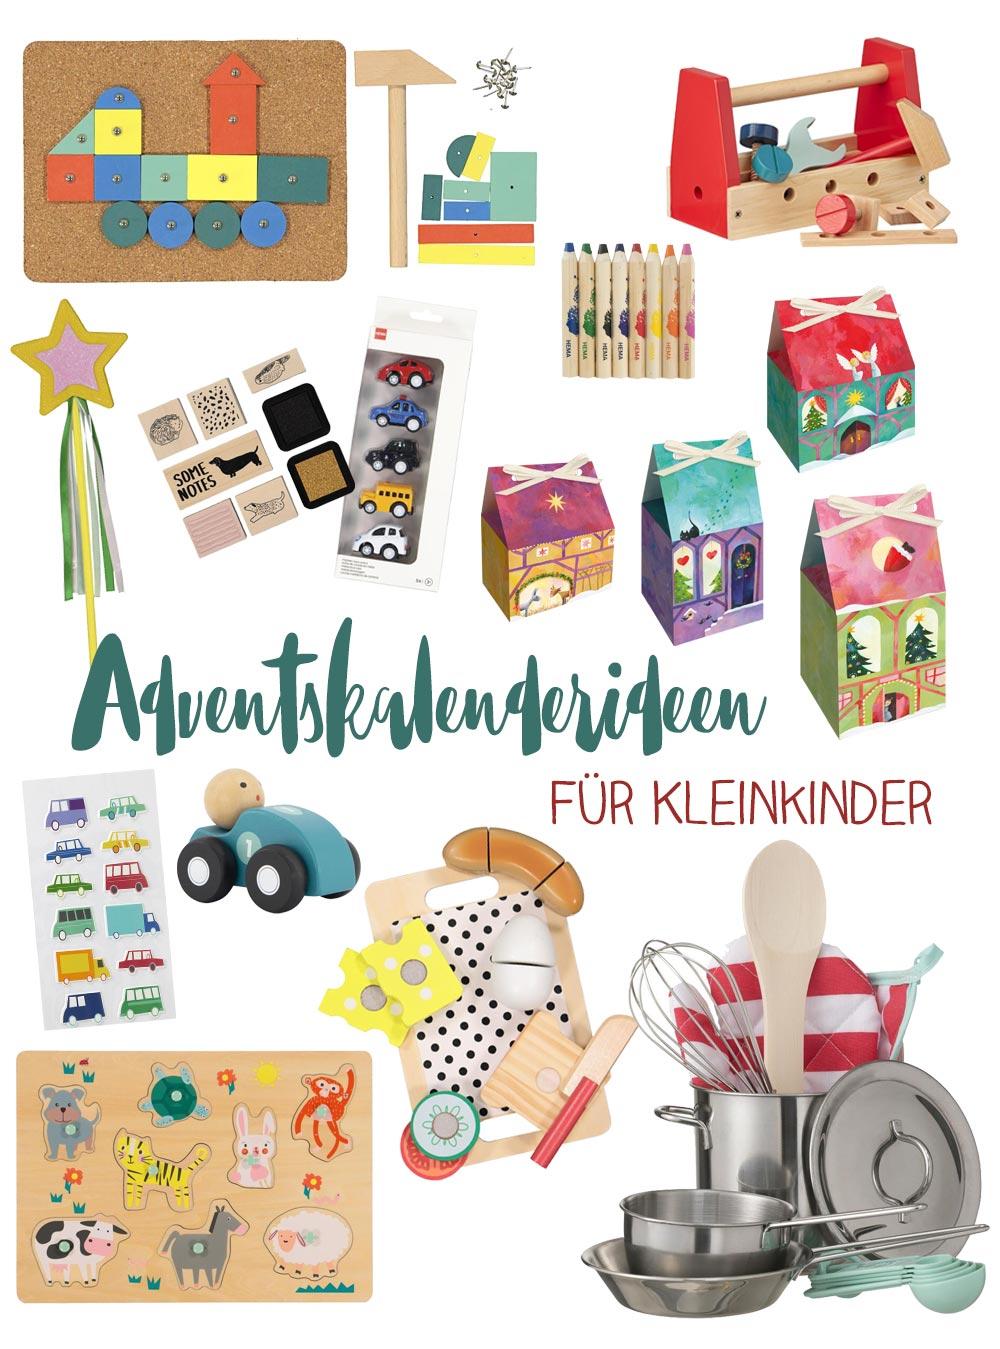 Adventskalenderideen für Kleinkinder - viele günstige Ideen und Holzspielzeug das man aufteilen kann.